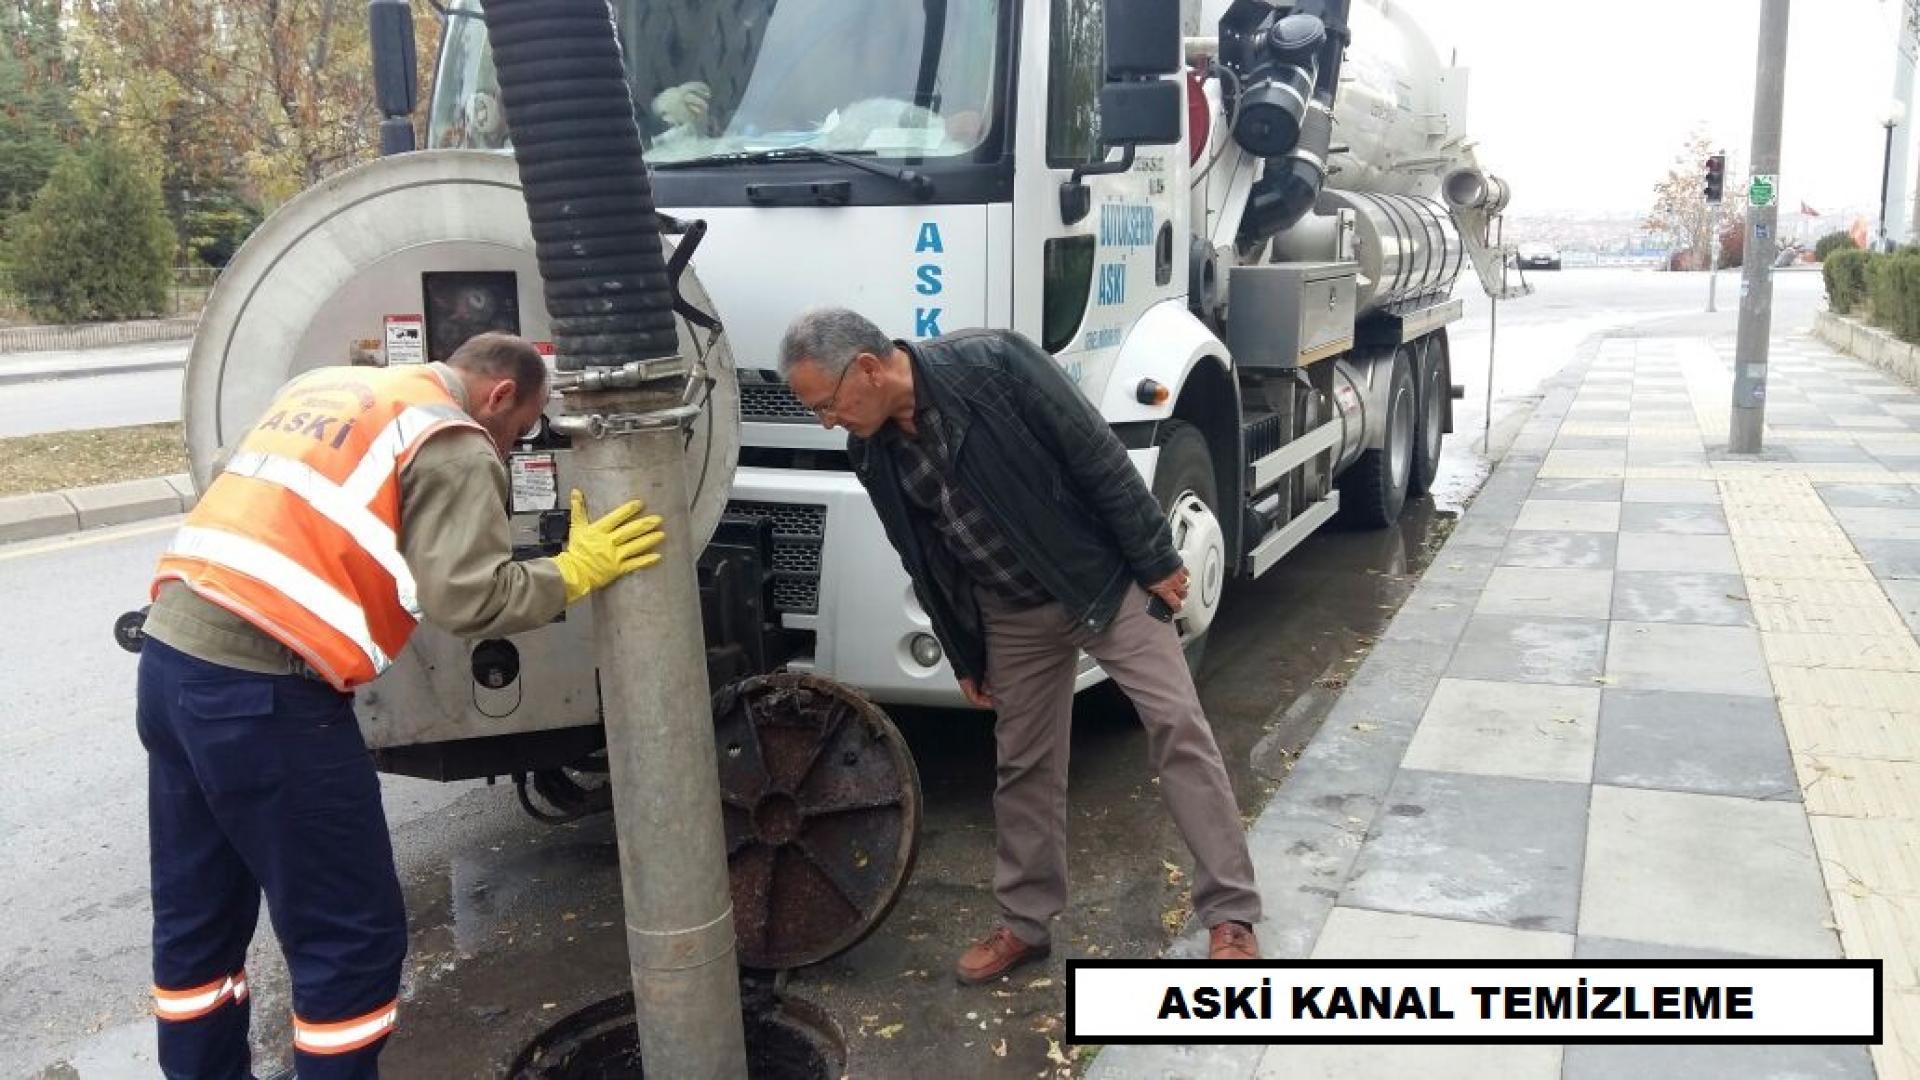 ASKİ Kanal Temizleme 1485680130 78